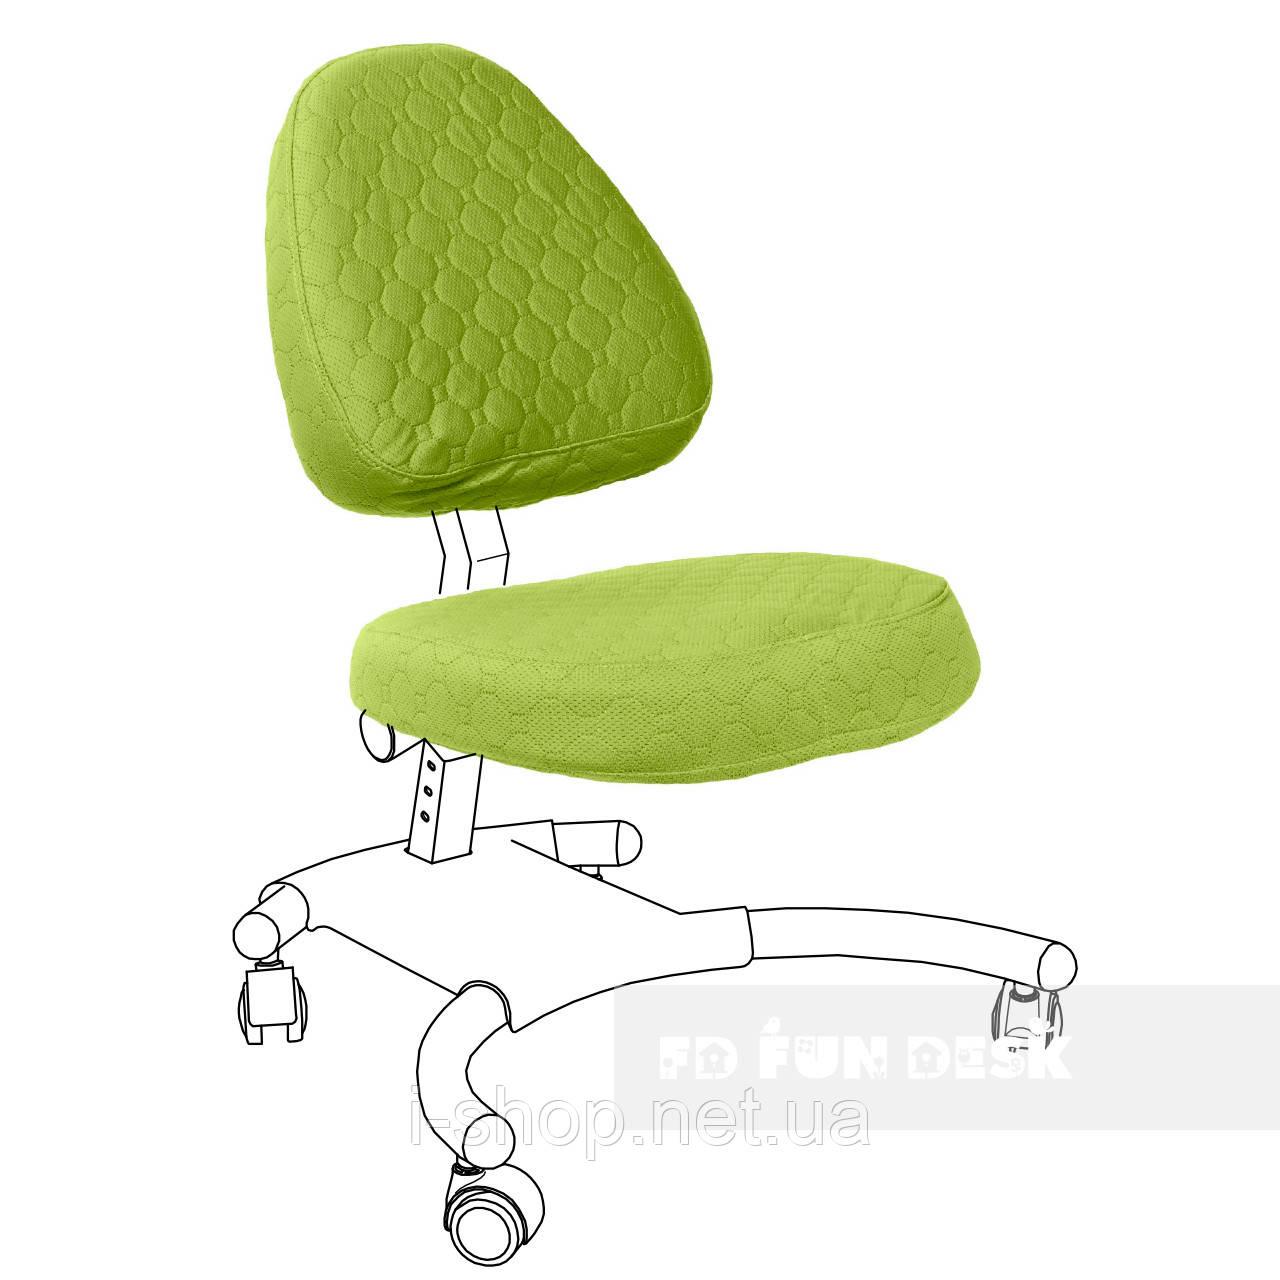 Чехол для кресла Ottimo green